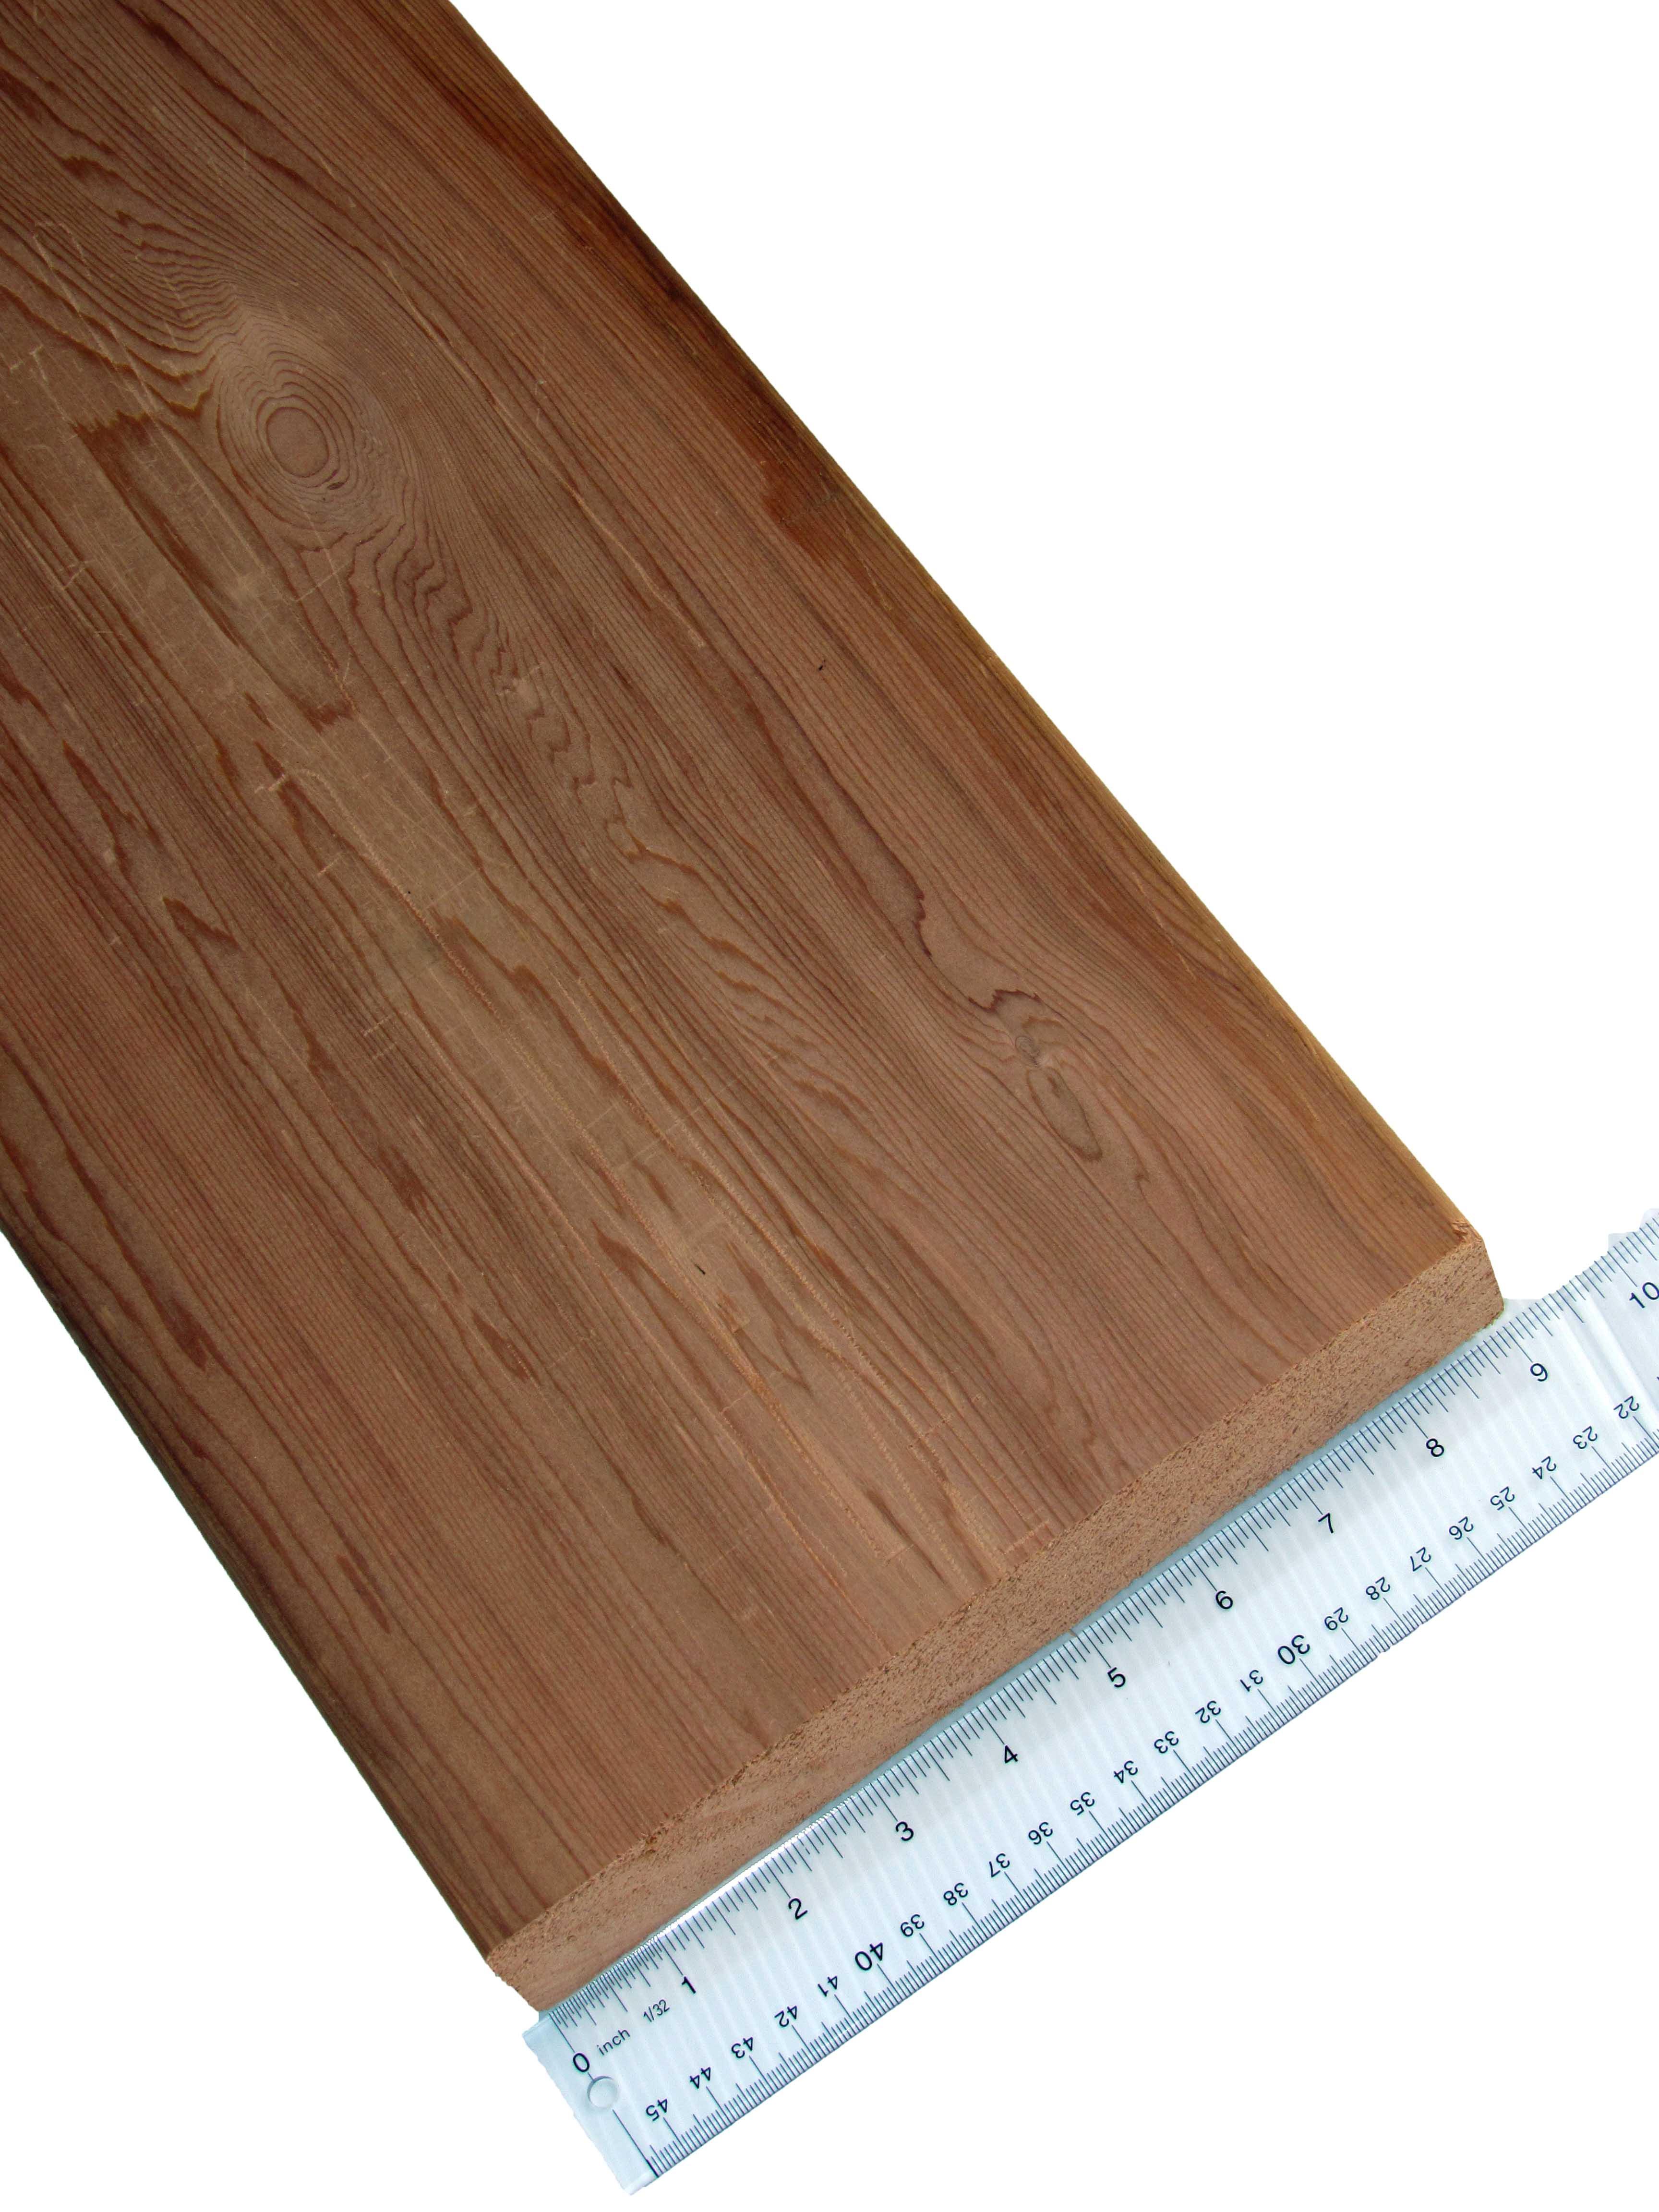 2x10 Wr Cedar A Amp Better S4s Capitol City Lumber